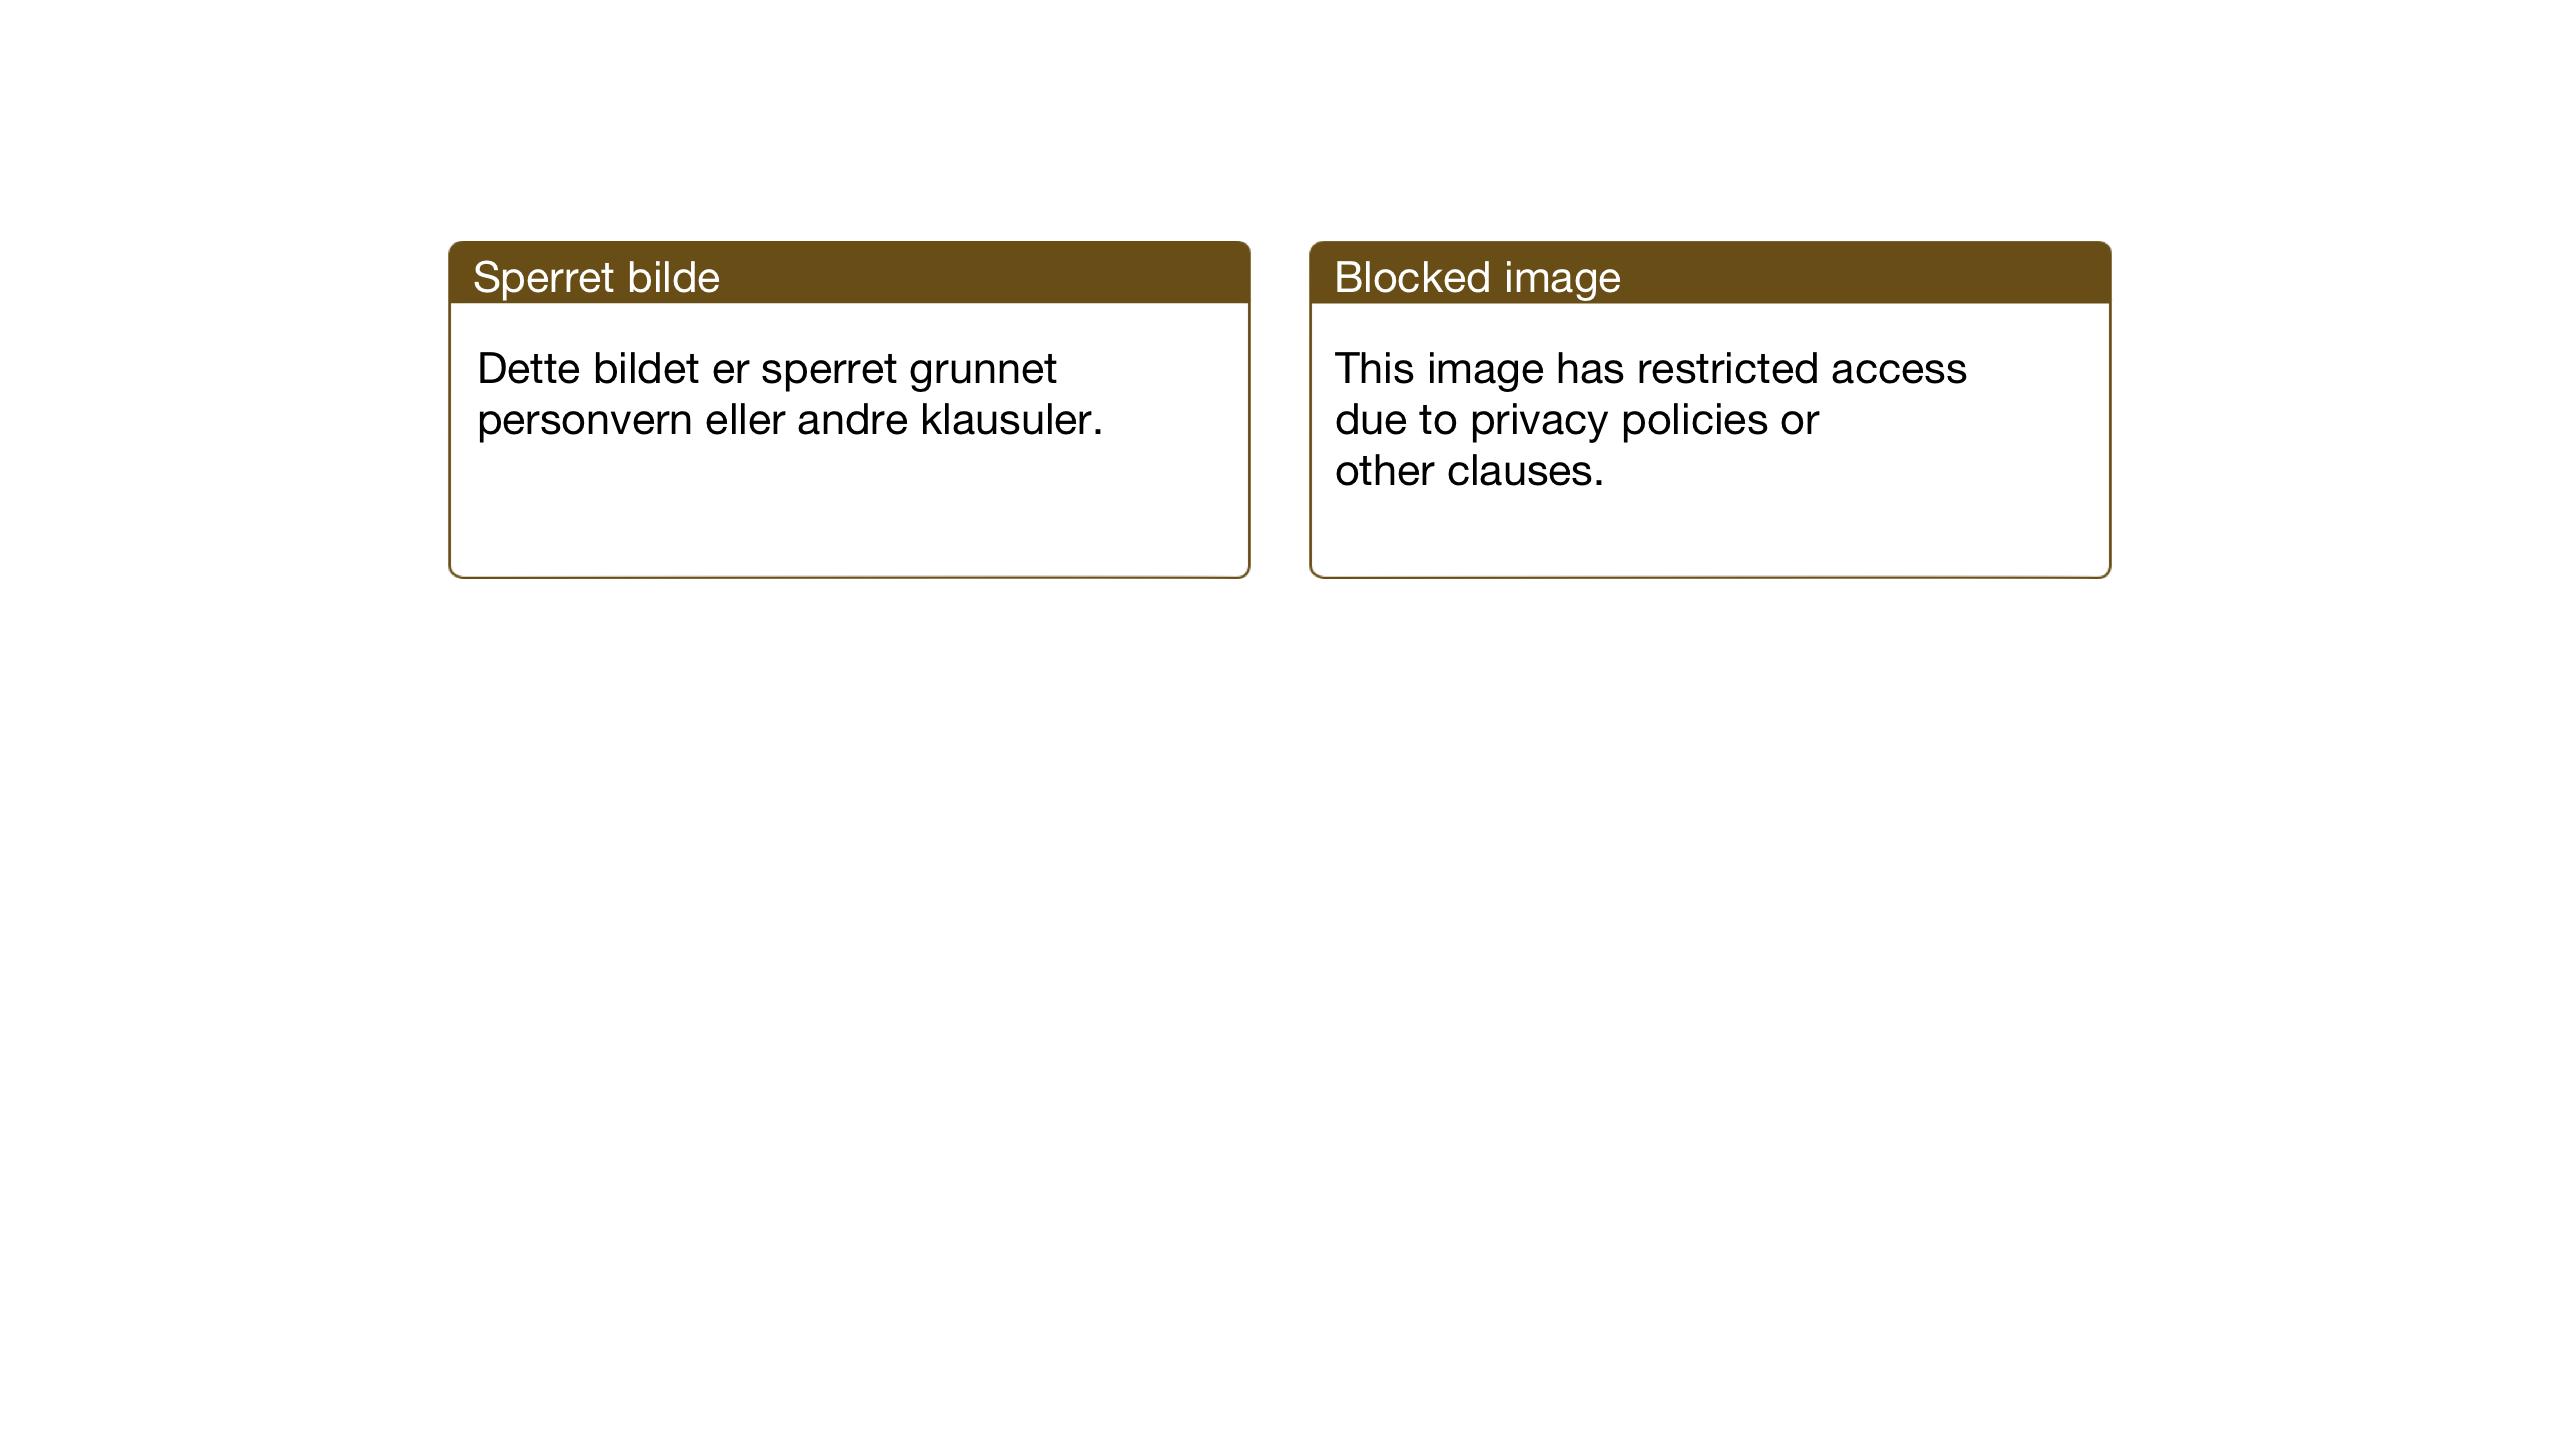 SAT, Ministerialprotokoller, klokkerbøker og fødselsregistre - Sør-Trøndelag, 657/L0718: Klokkerbok nr. 657C05, 1923-1948, s. 52